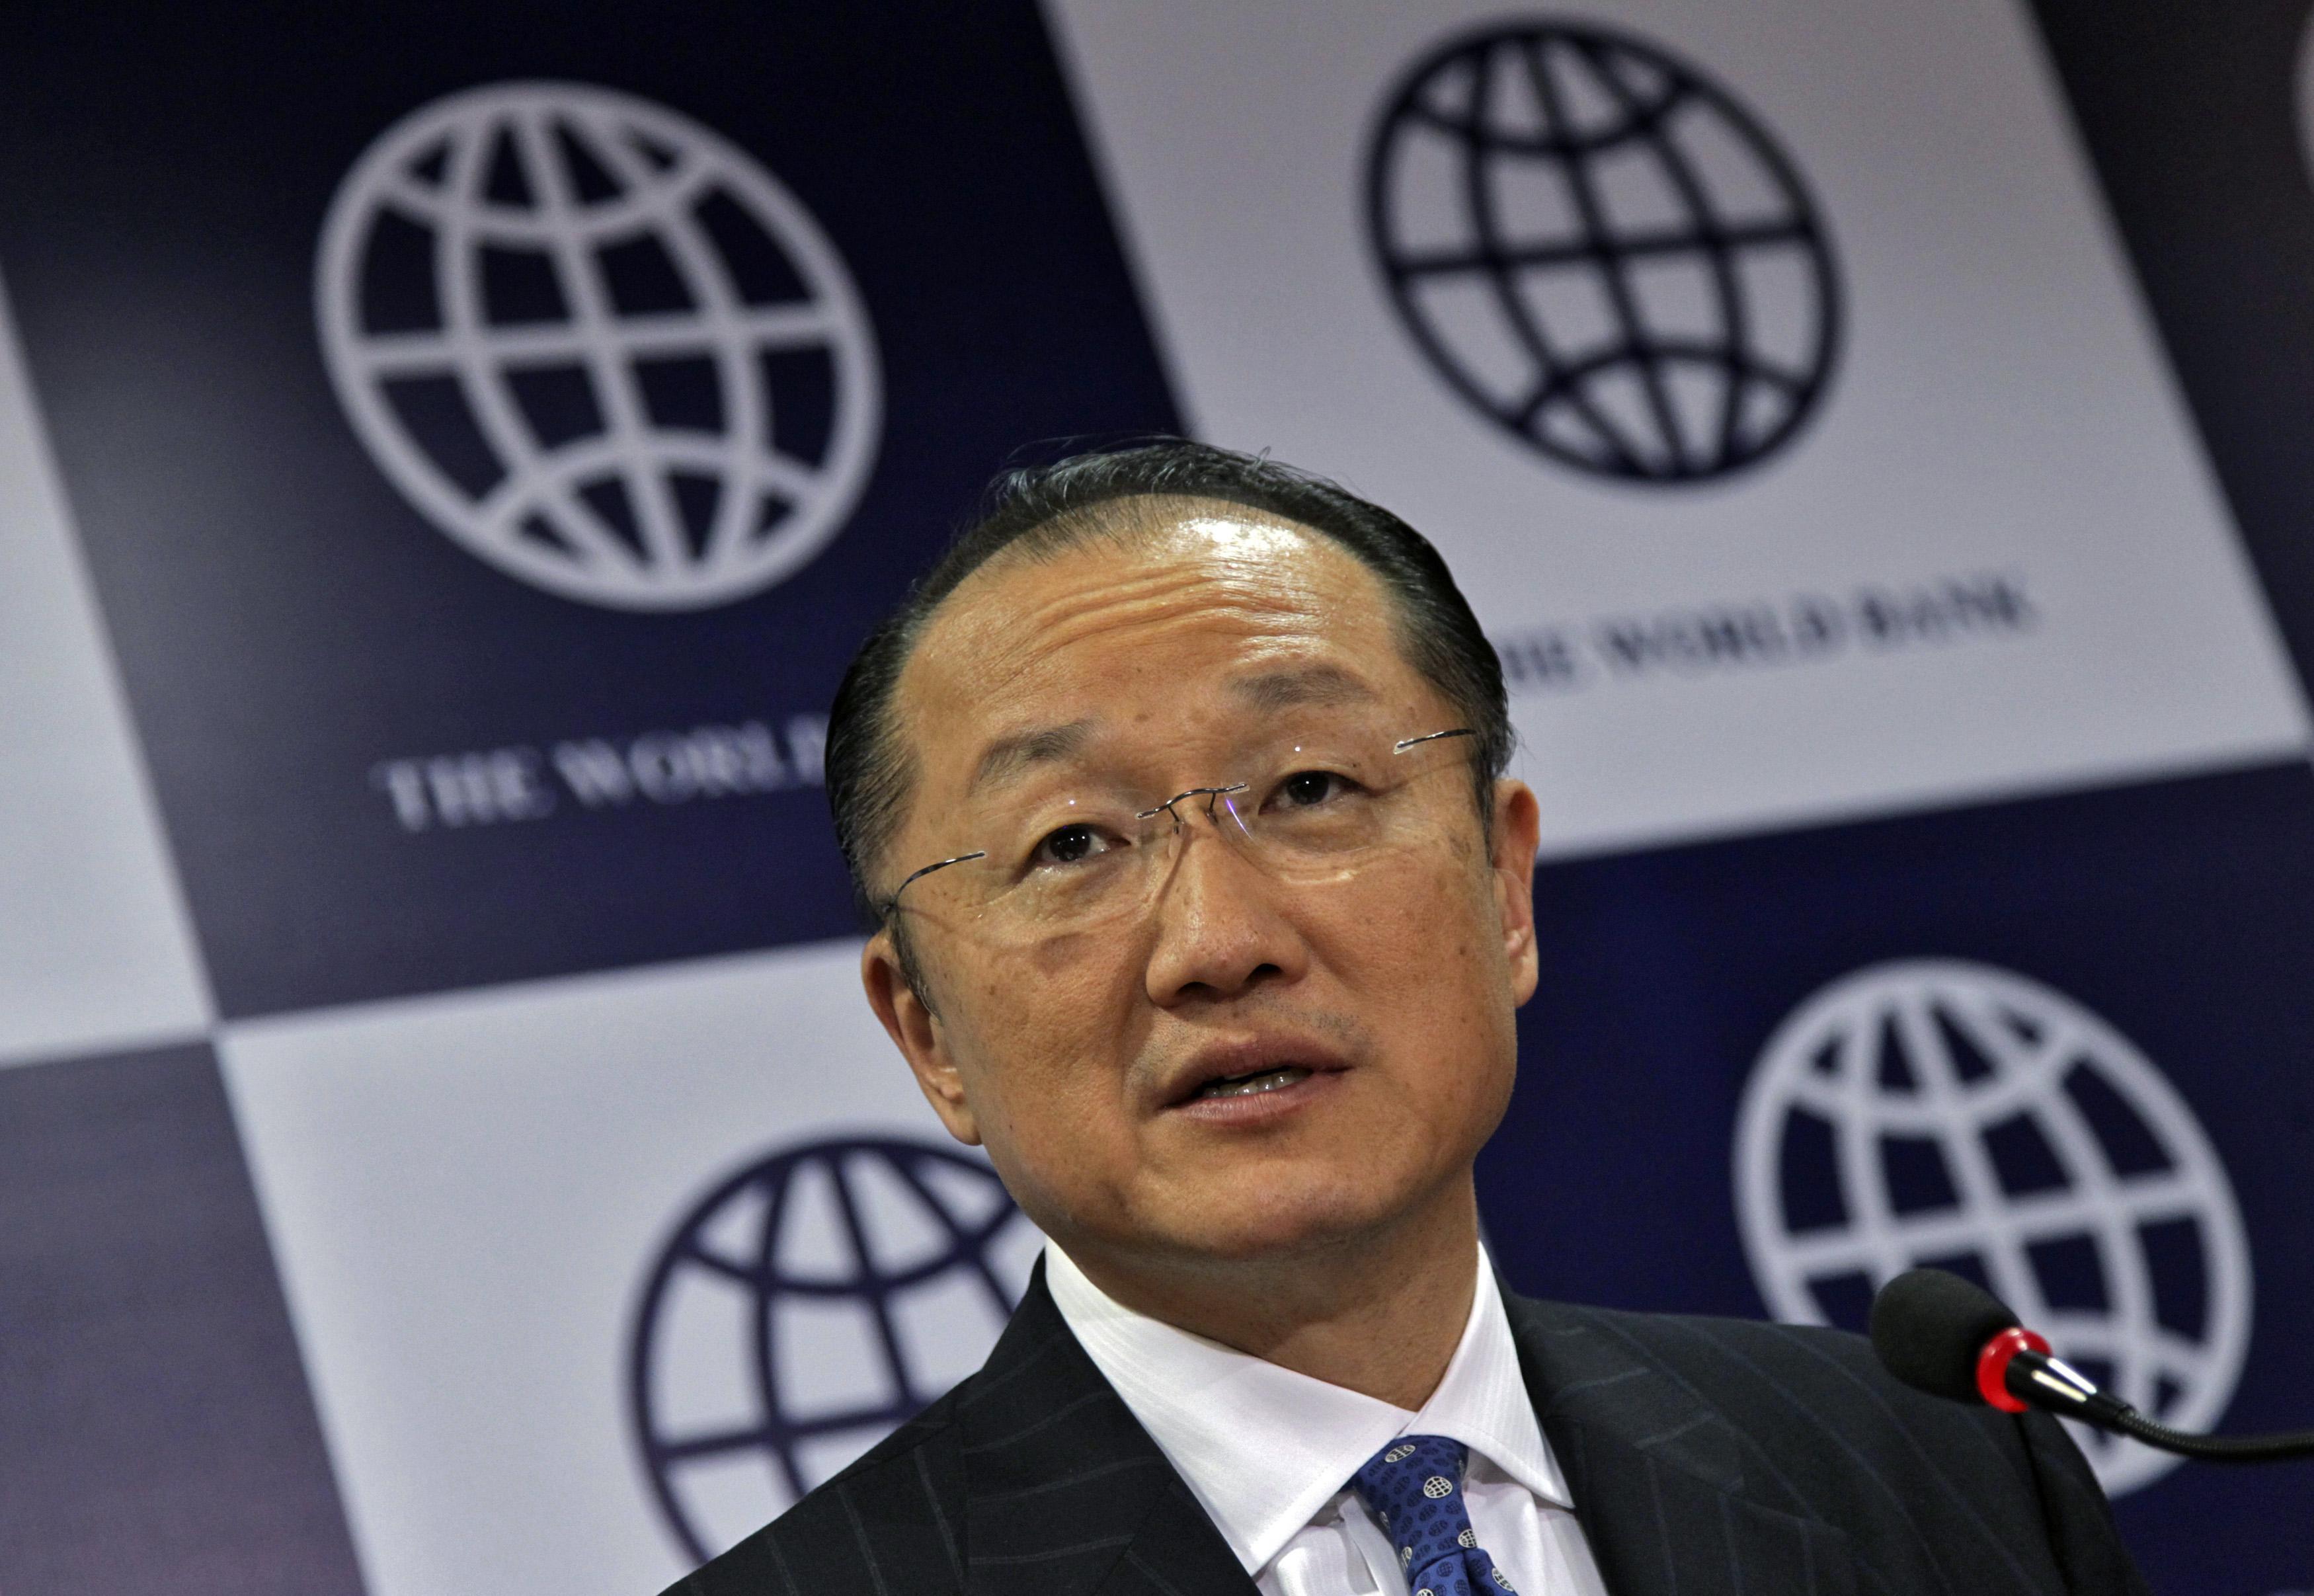 رئيس البنك الدولي يهنئ تونس بجائزة نوبل و يصفها بالمثالية